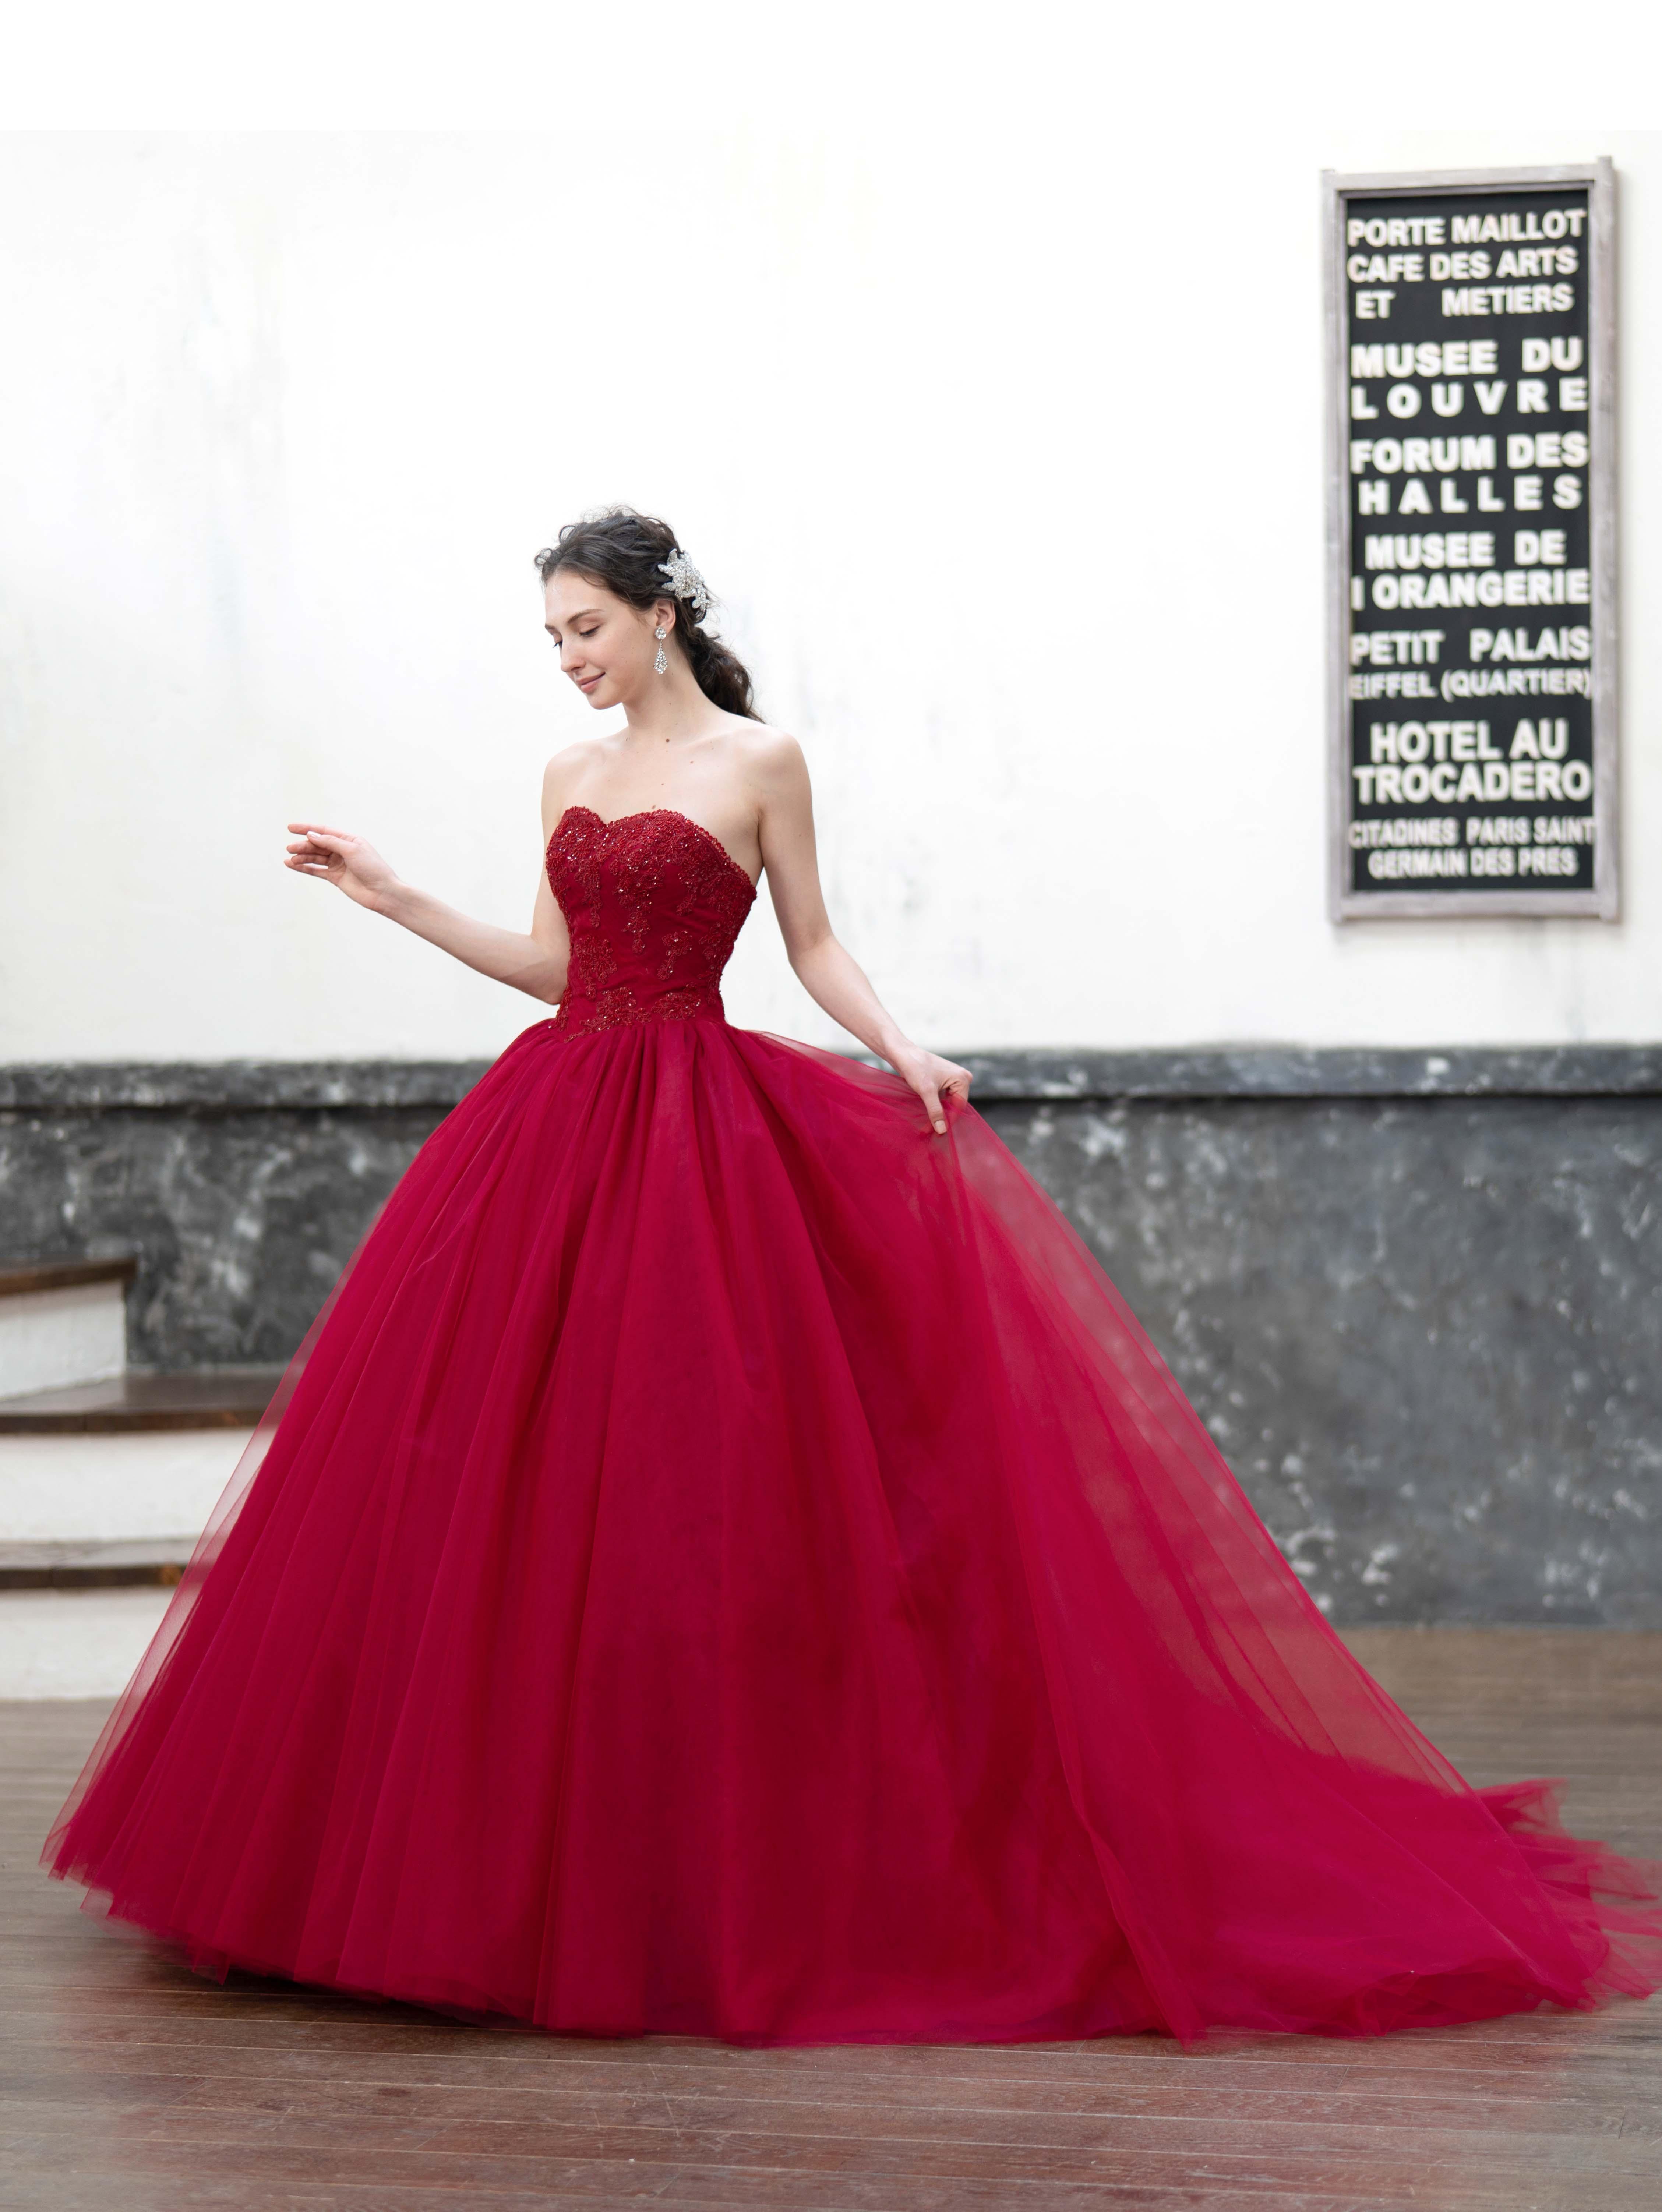 関西でもご試着可能に!シンデレラ&コーのカラードレスが人気!